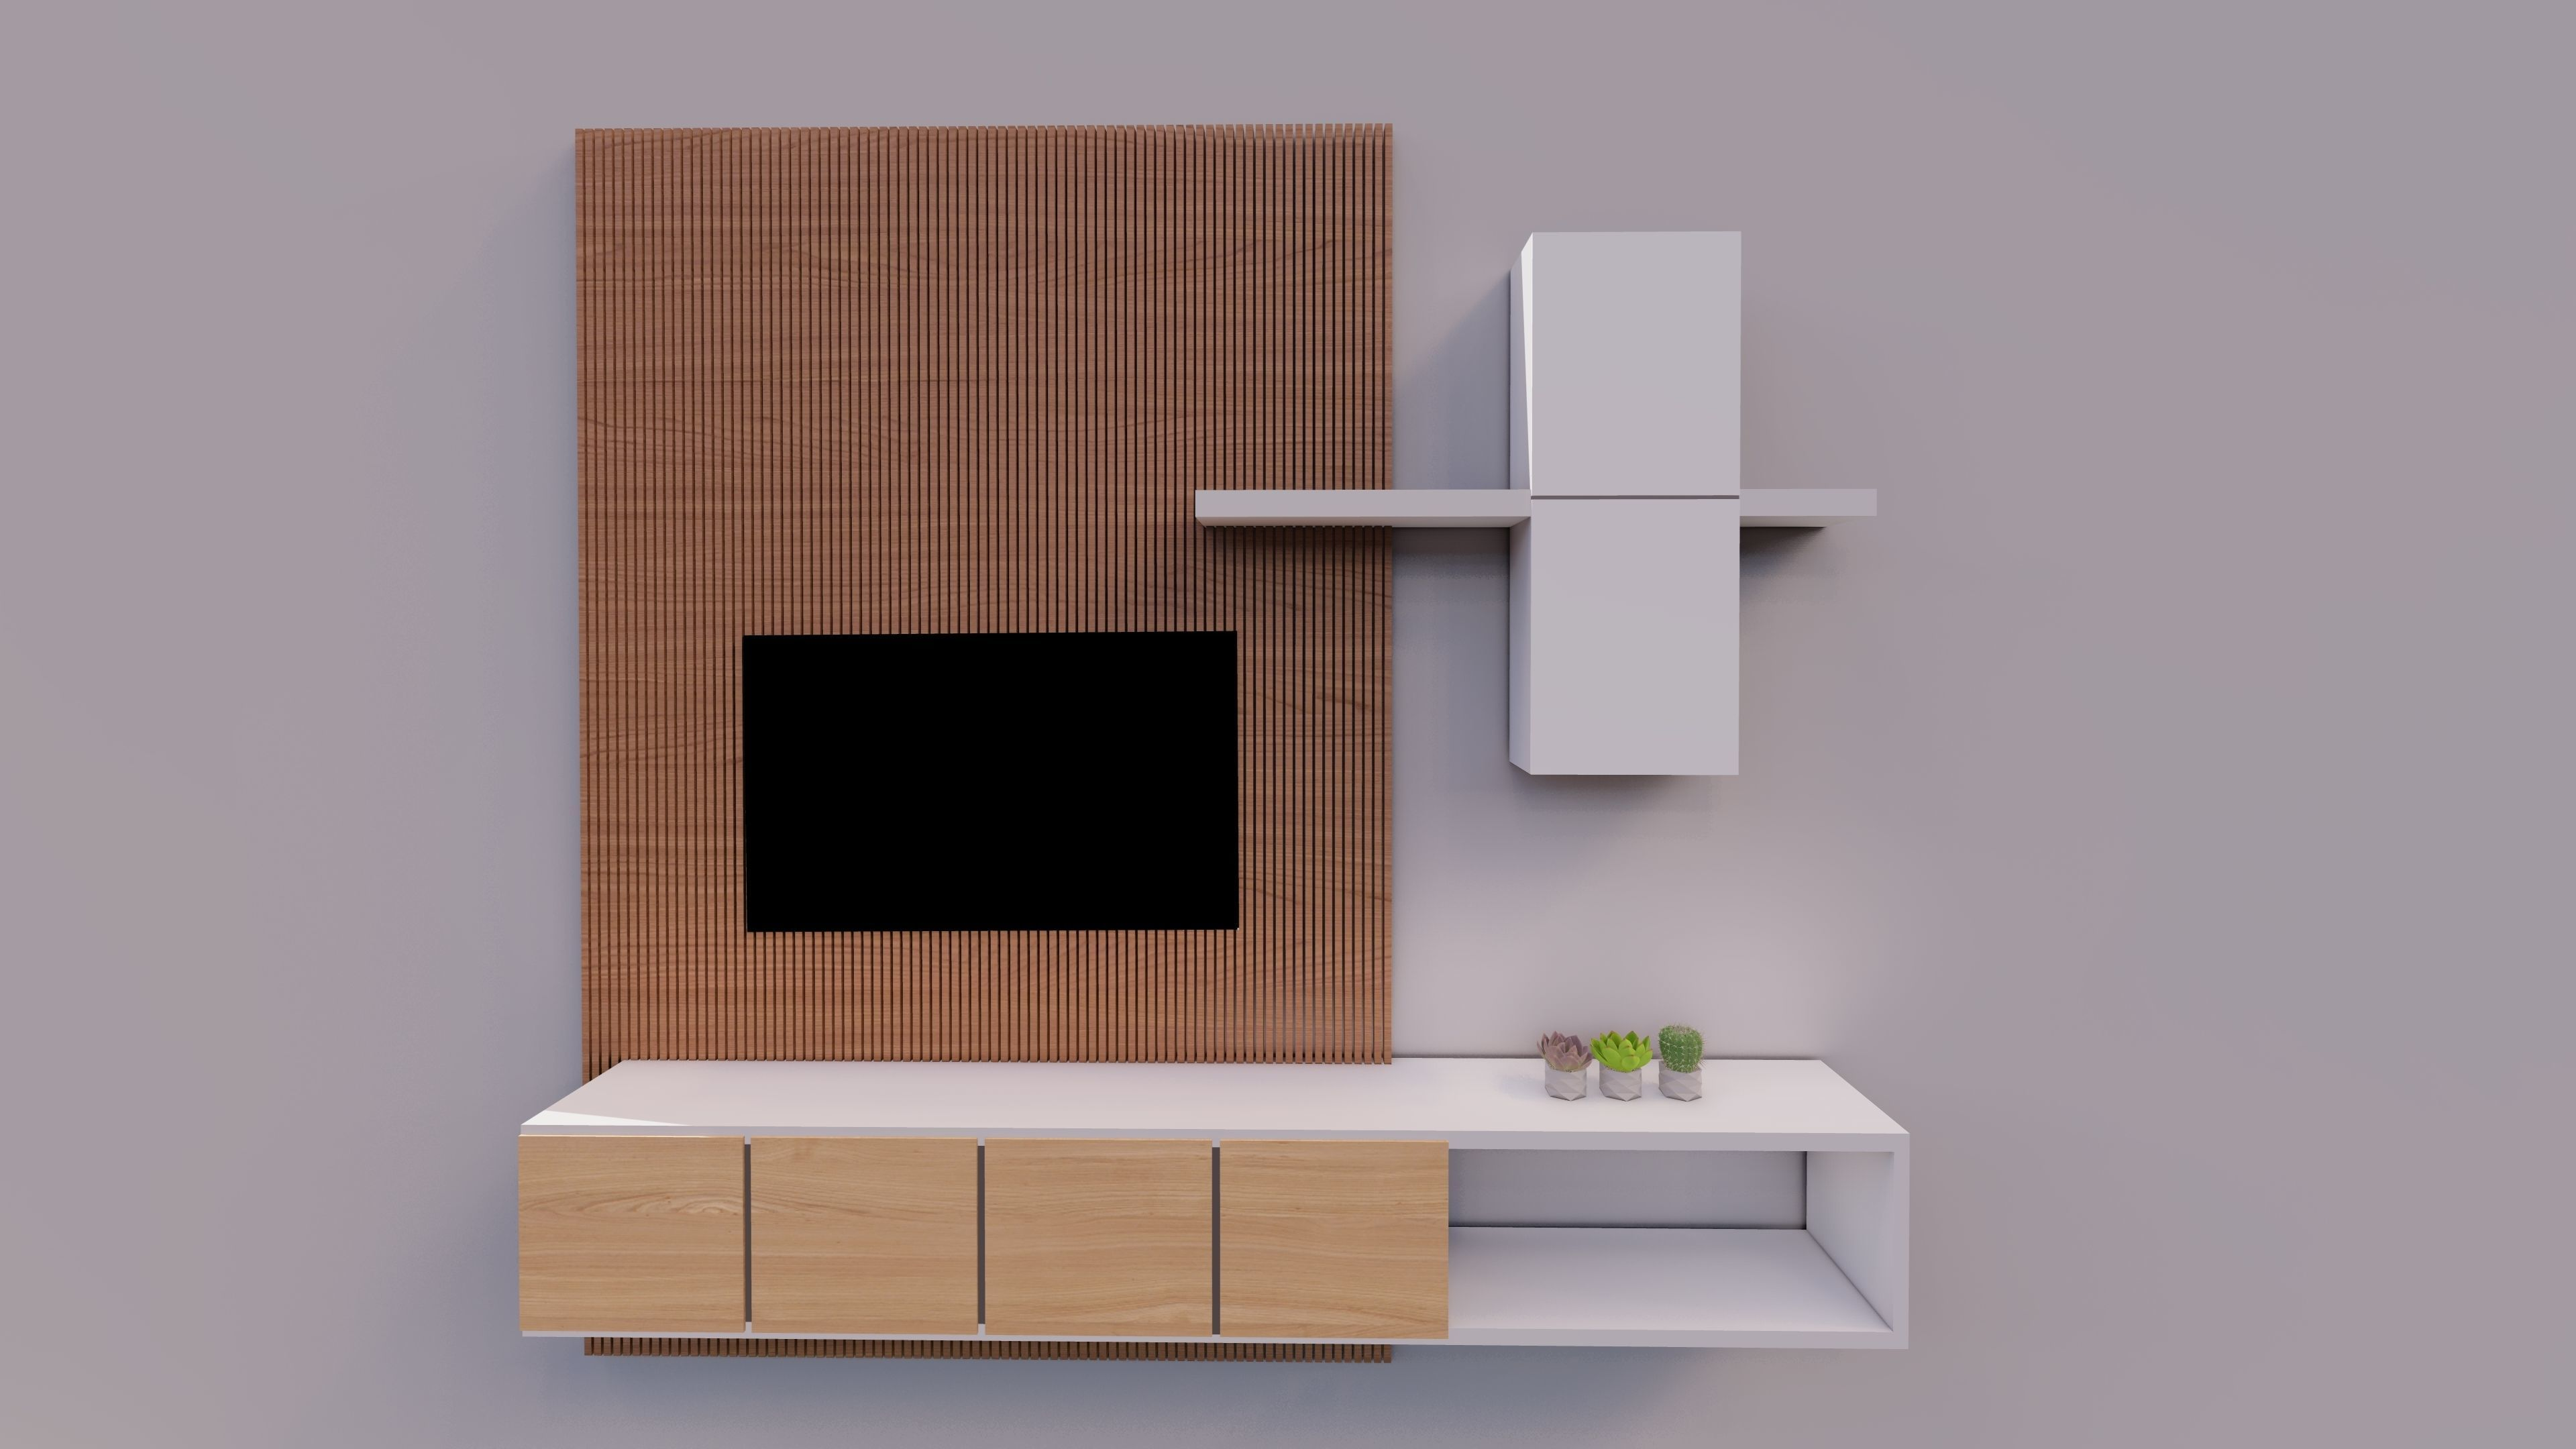 meuble tv design 3d model